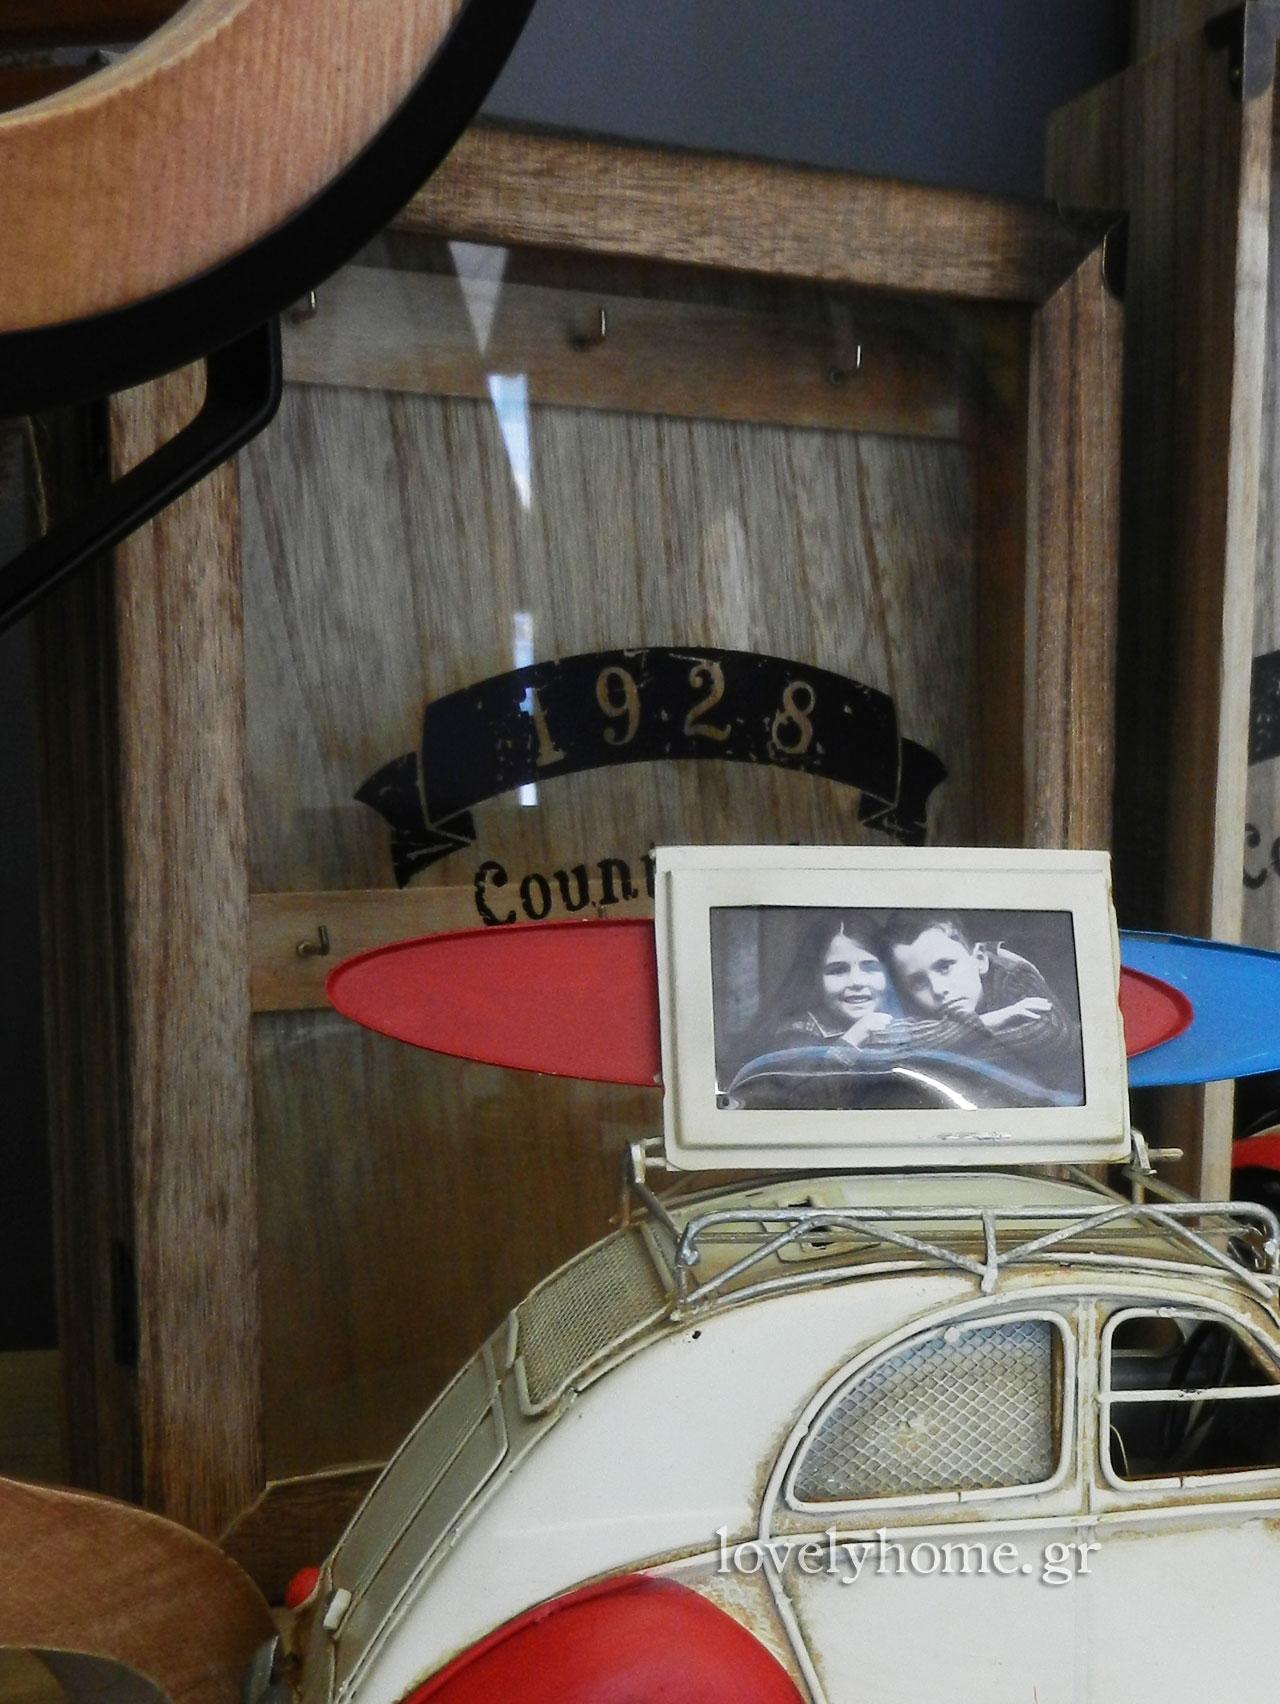 Κλειδοθήκη ξύλινη με πορτάκι από τζάμι σε country style 9,75 ευρώ χωρίς ΦΠΑ